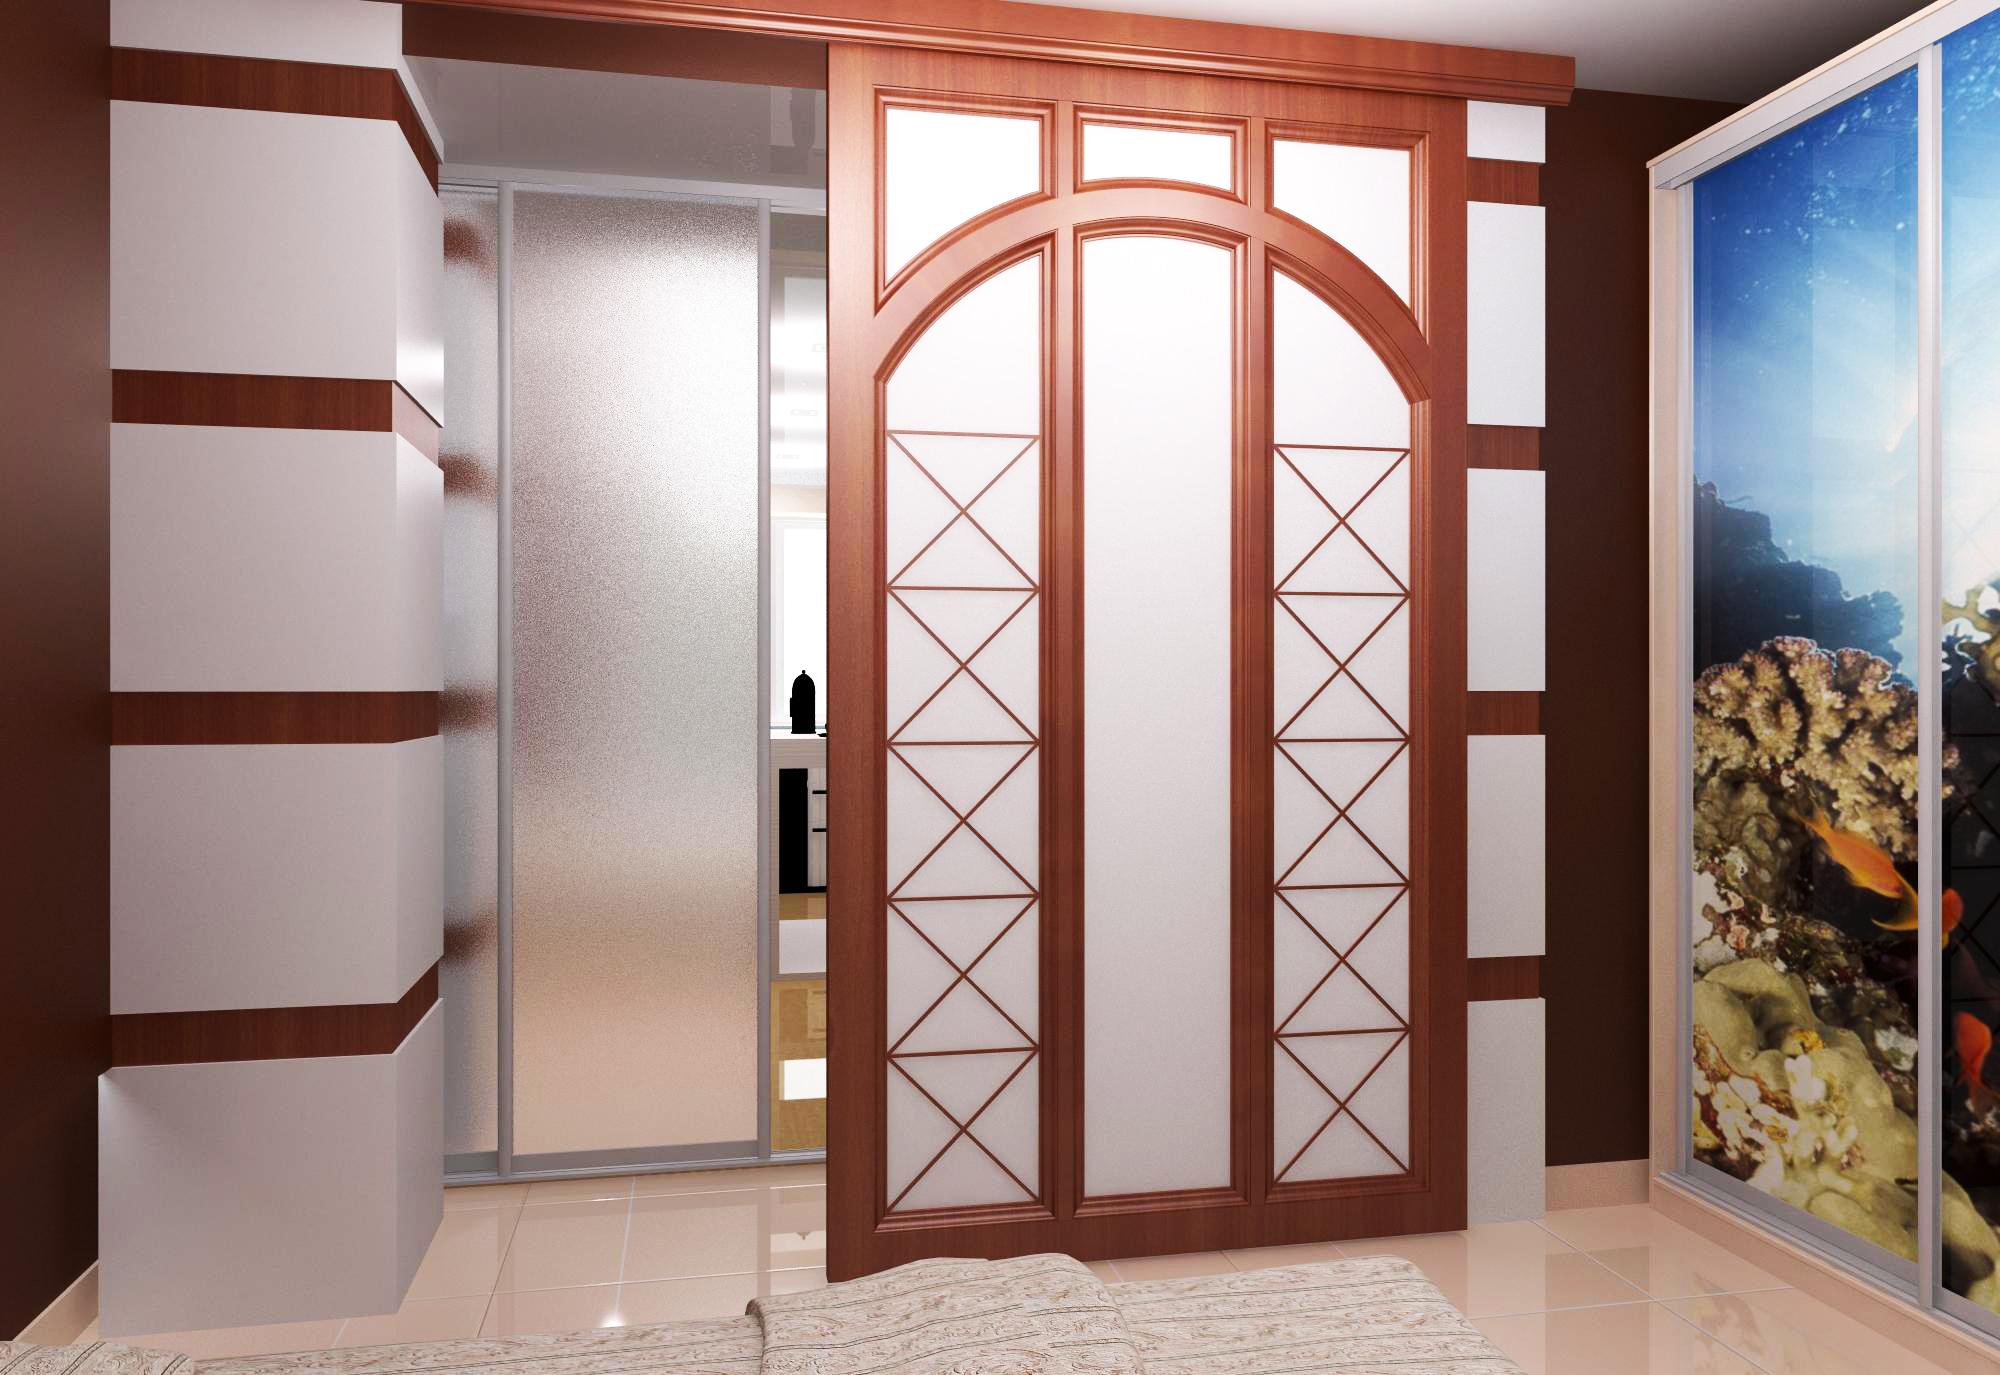 размеры межкомнатных дверей с коробкой ширина высота толщина